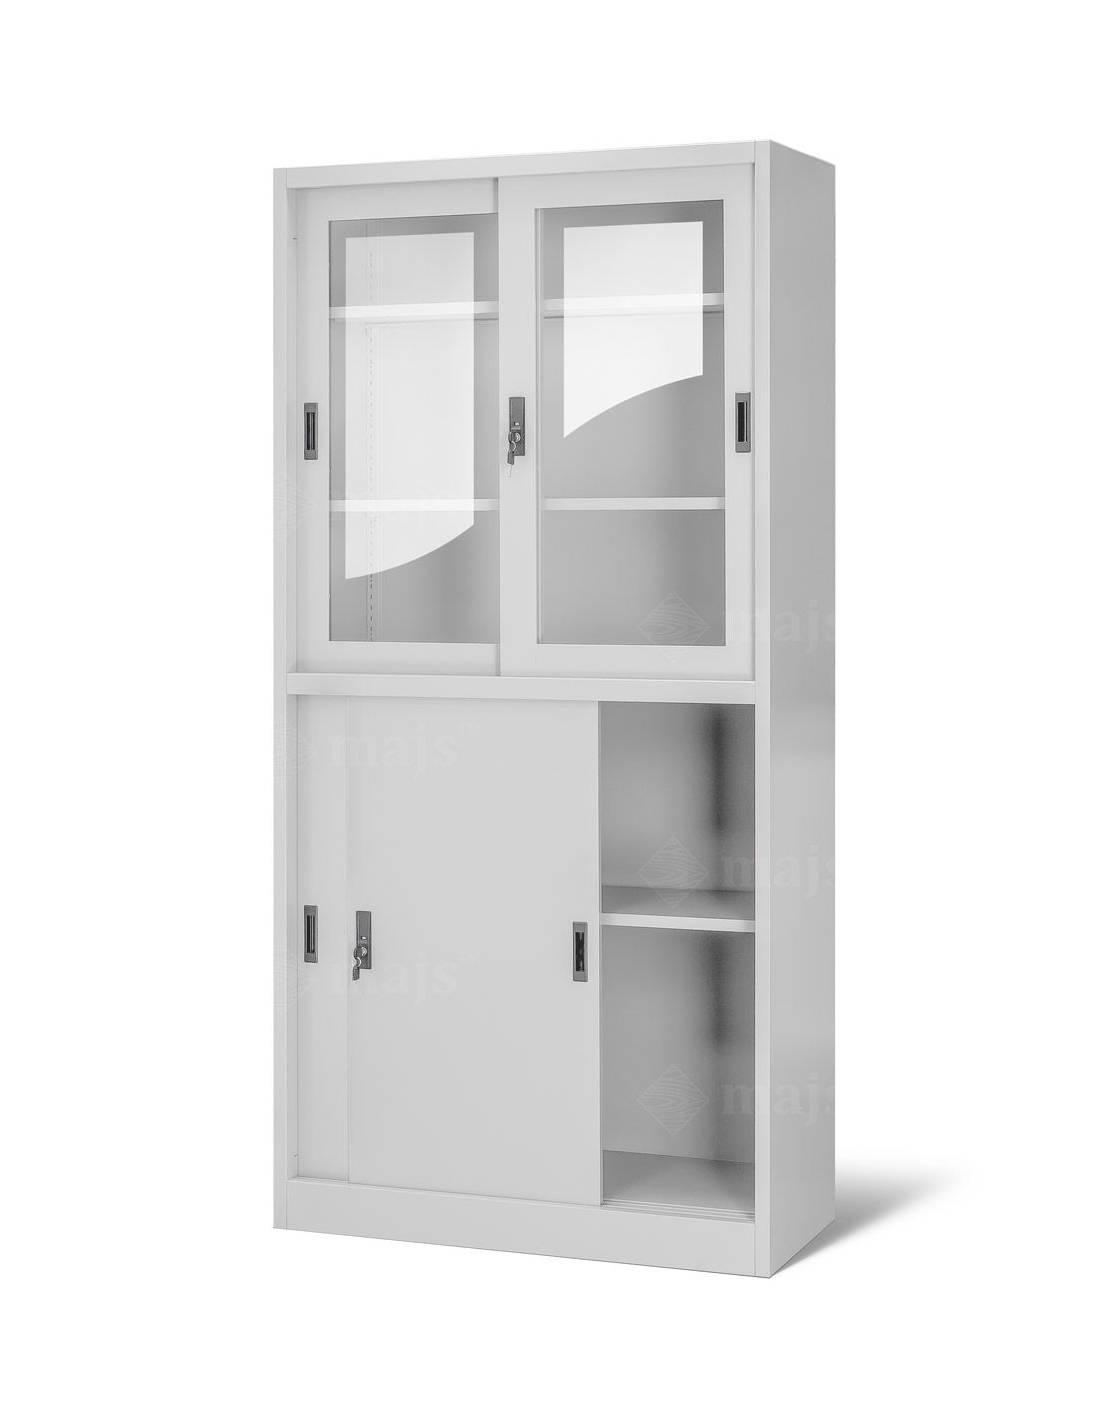 Witryna szklana z szafką i drzwiami przesuwnymi